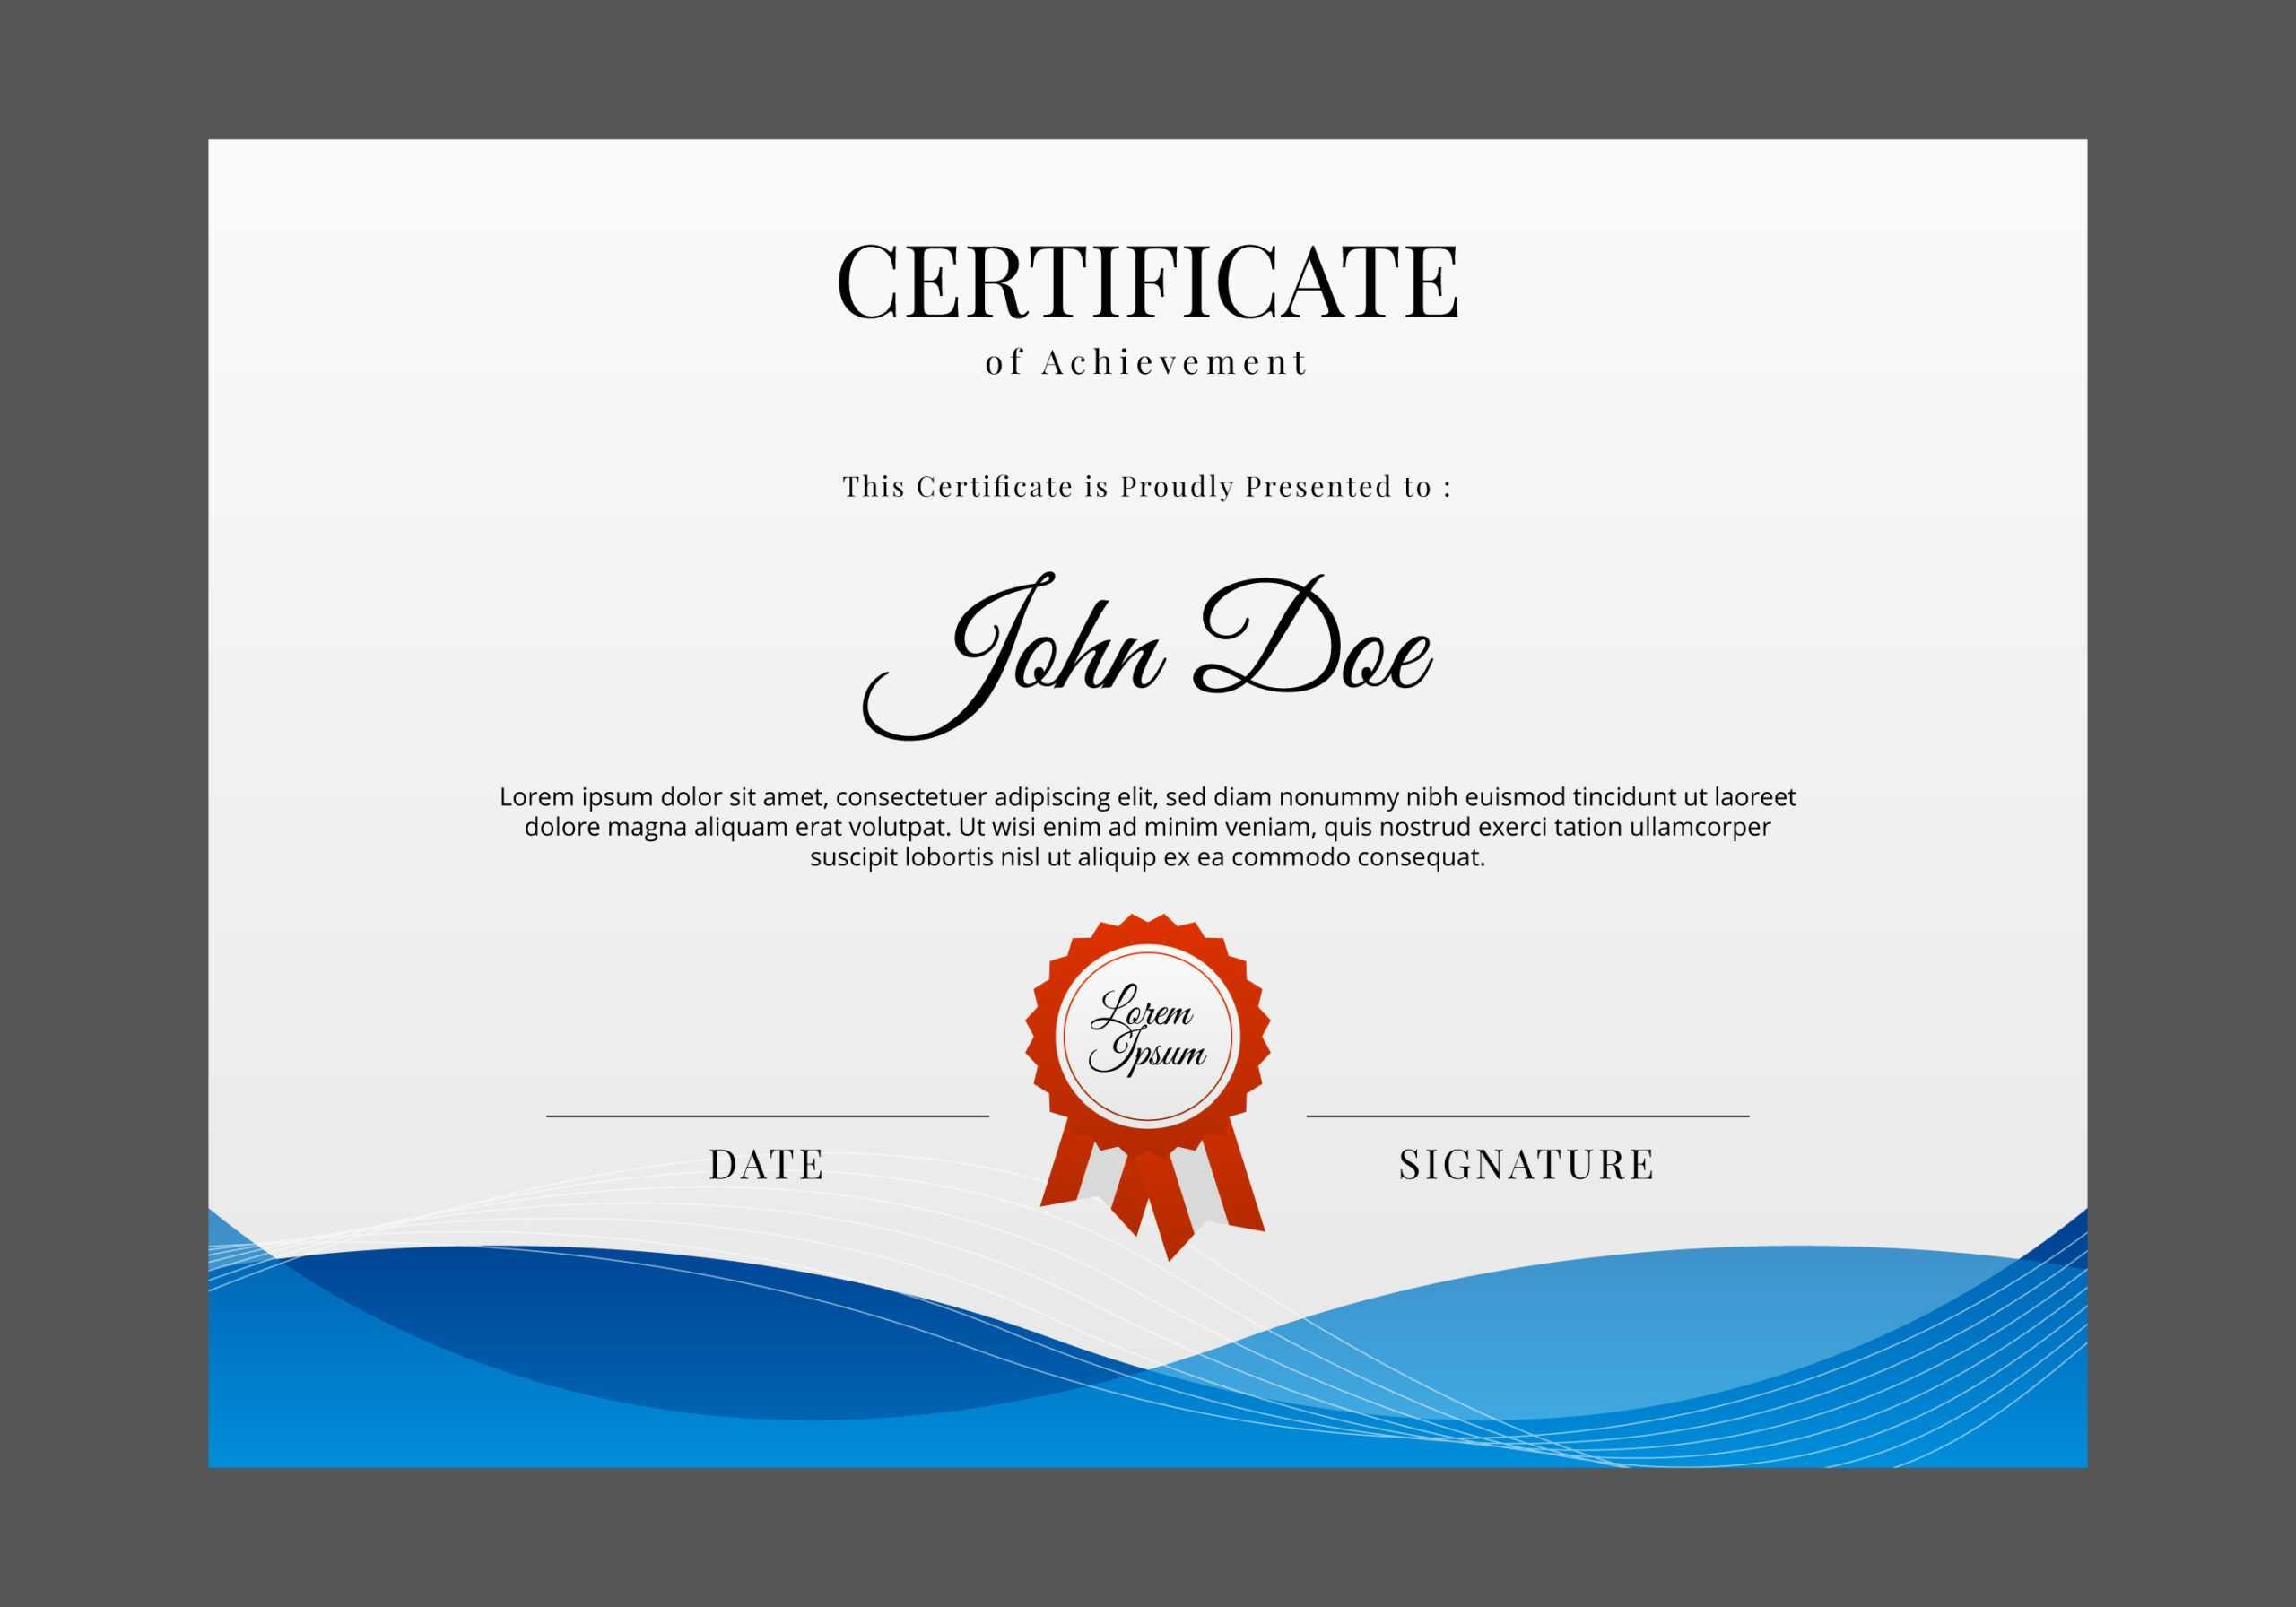 Template For Certificate - Karan.ald2014 Inside Superlative Certificate Template